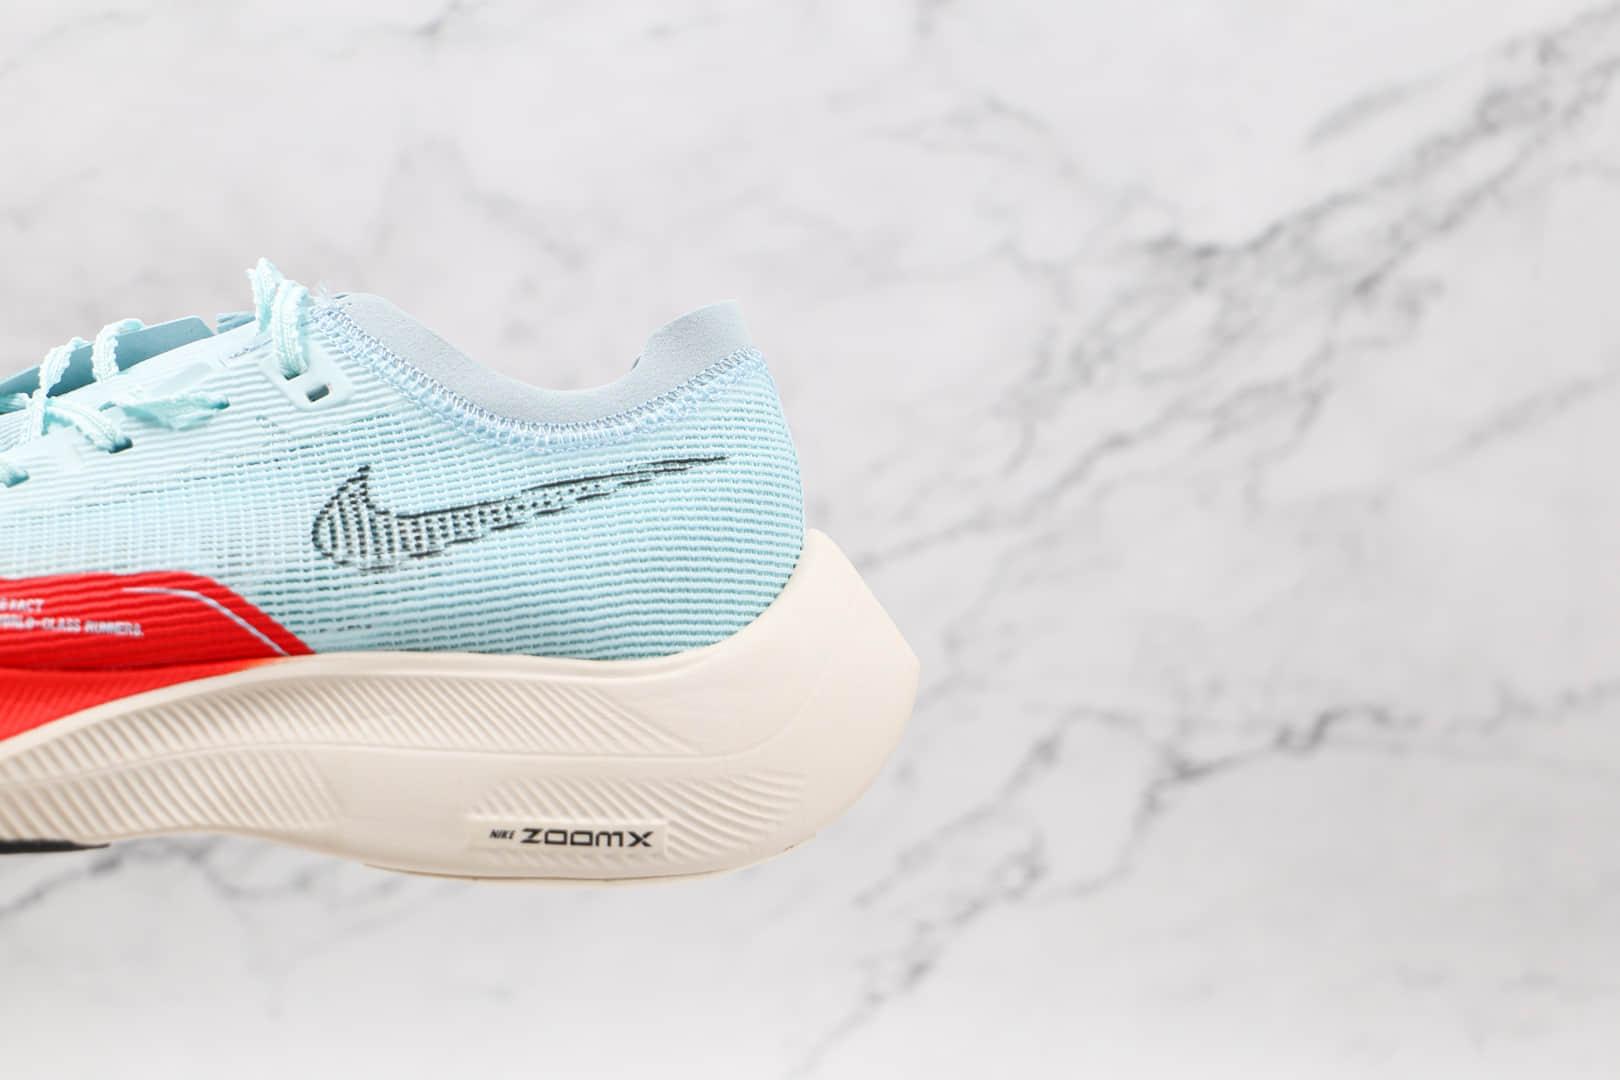 耐克Nike ZoomX Vaporfly Next%纯原版本马拉松红蓝色next%跑步鞋原鞋开模一比一打造 货号:CU4111-400